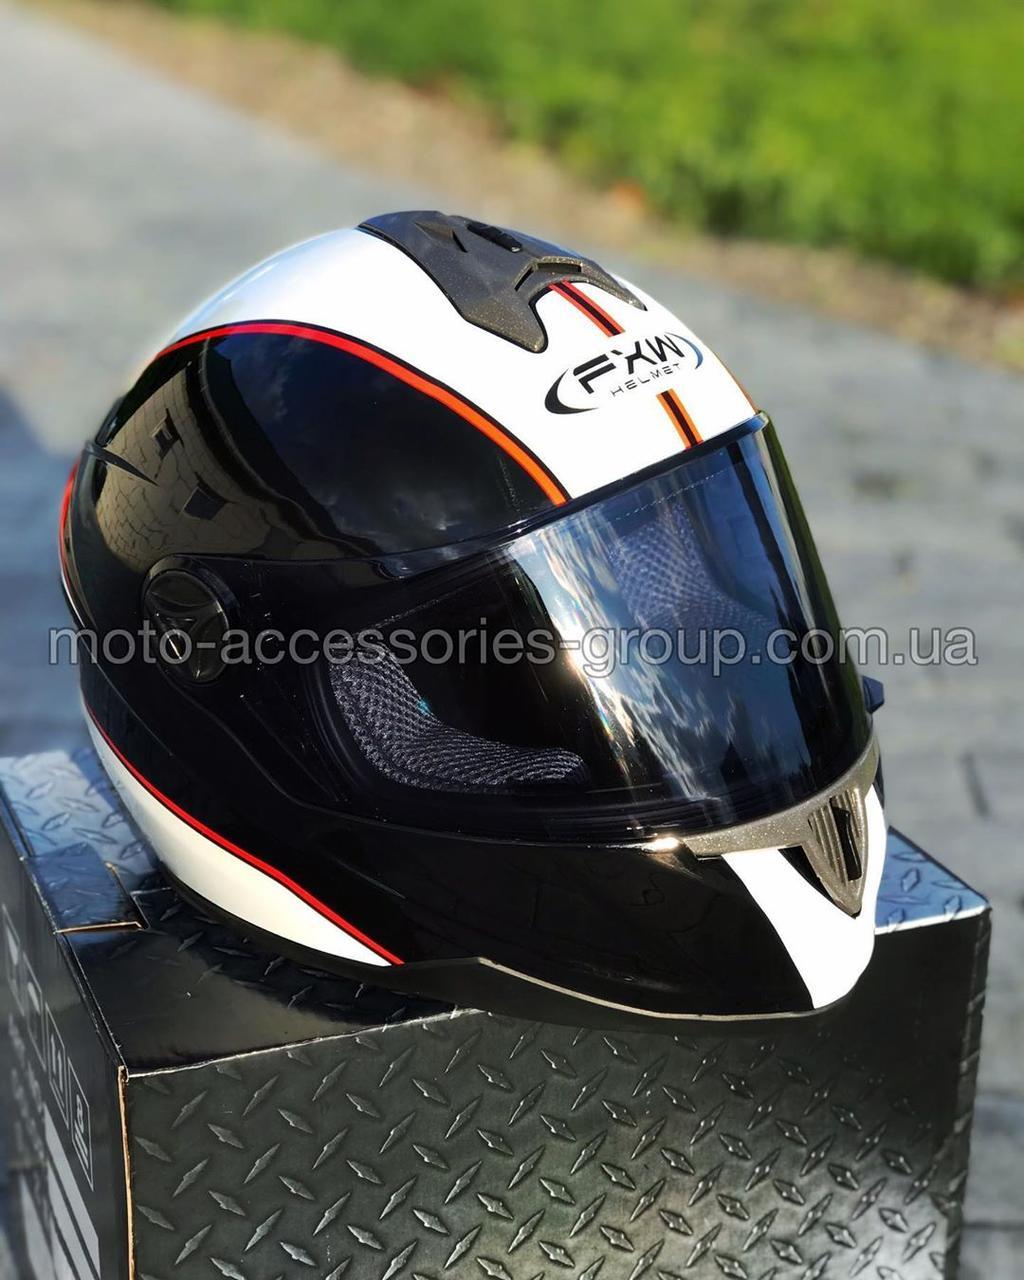 Шлем закрытый HF-122 ЧЕРНЫЙ глянец с белой полосой Q66